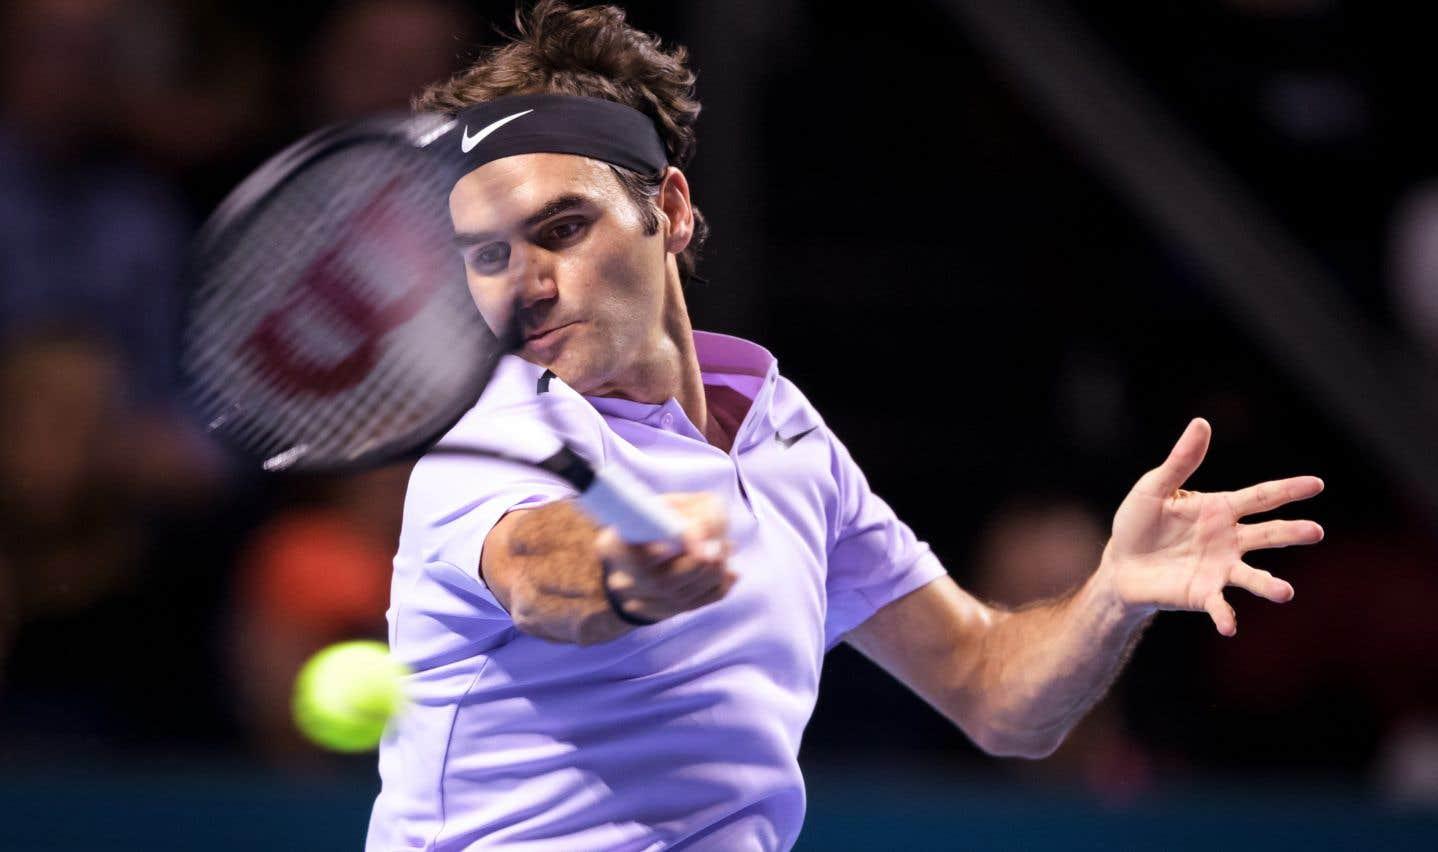 Roger Federer gagne pour la huitième fois à Bâle, sa ville natale